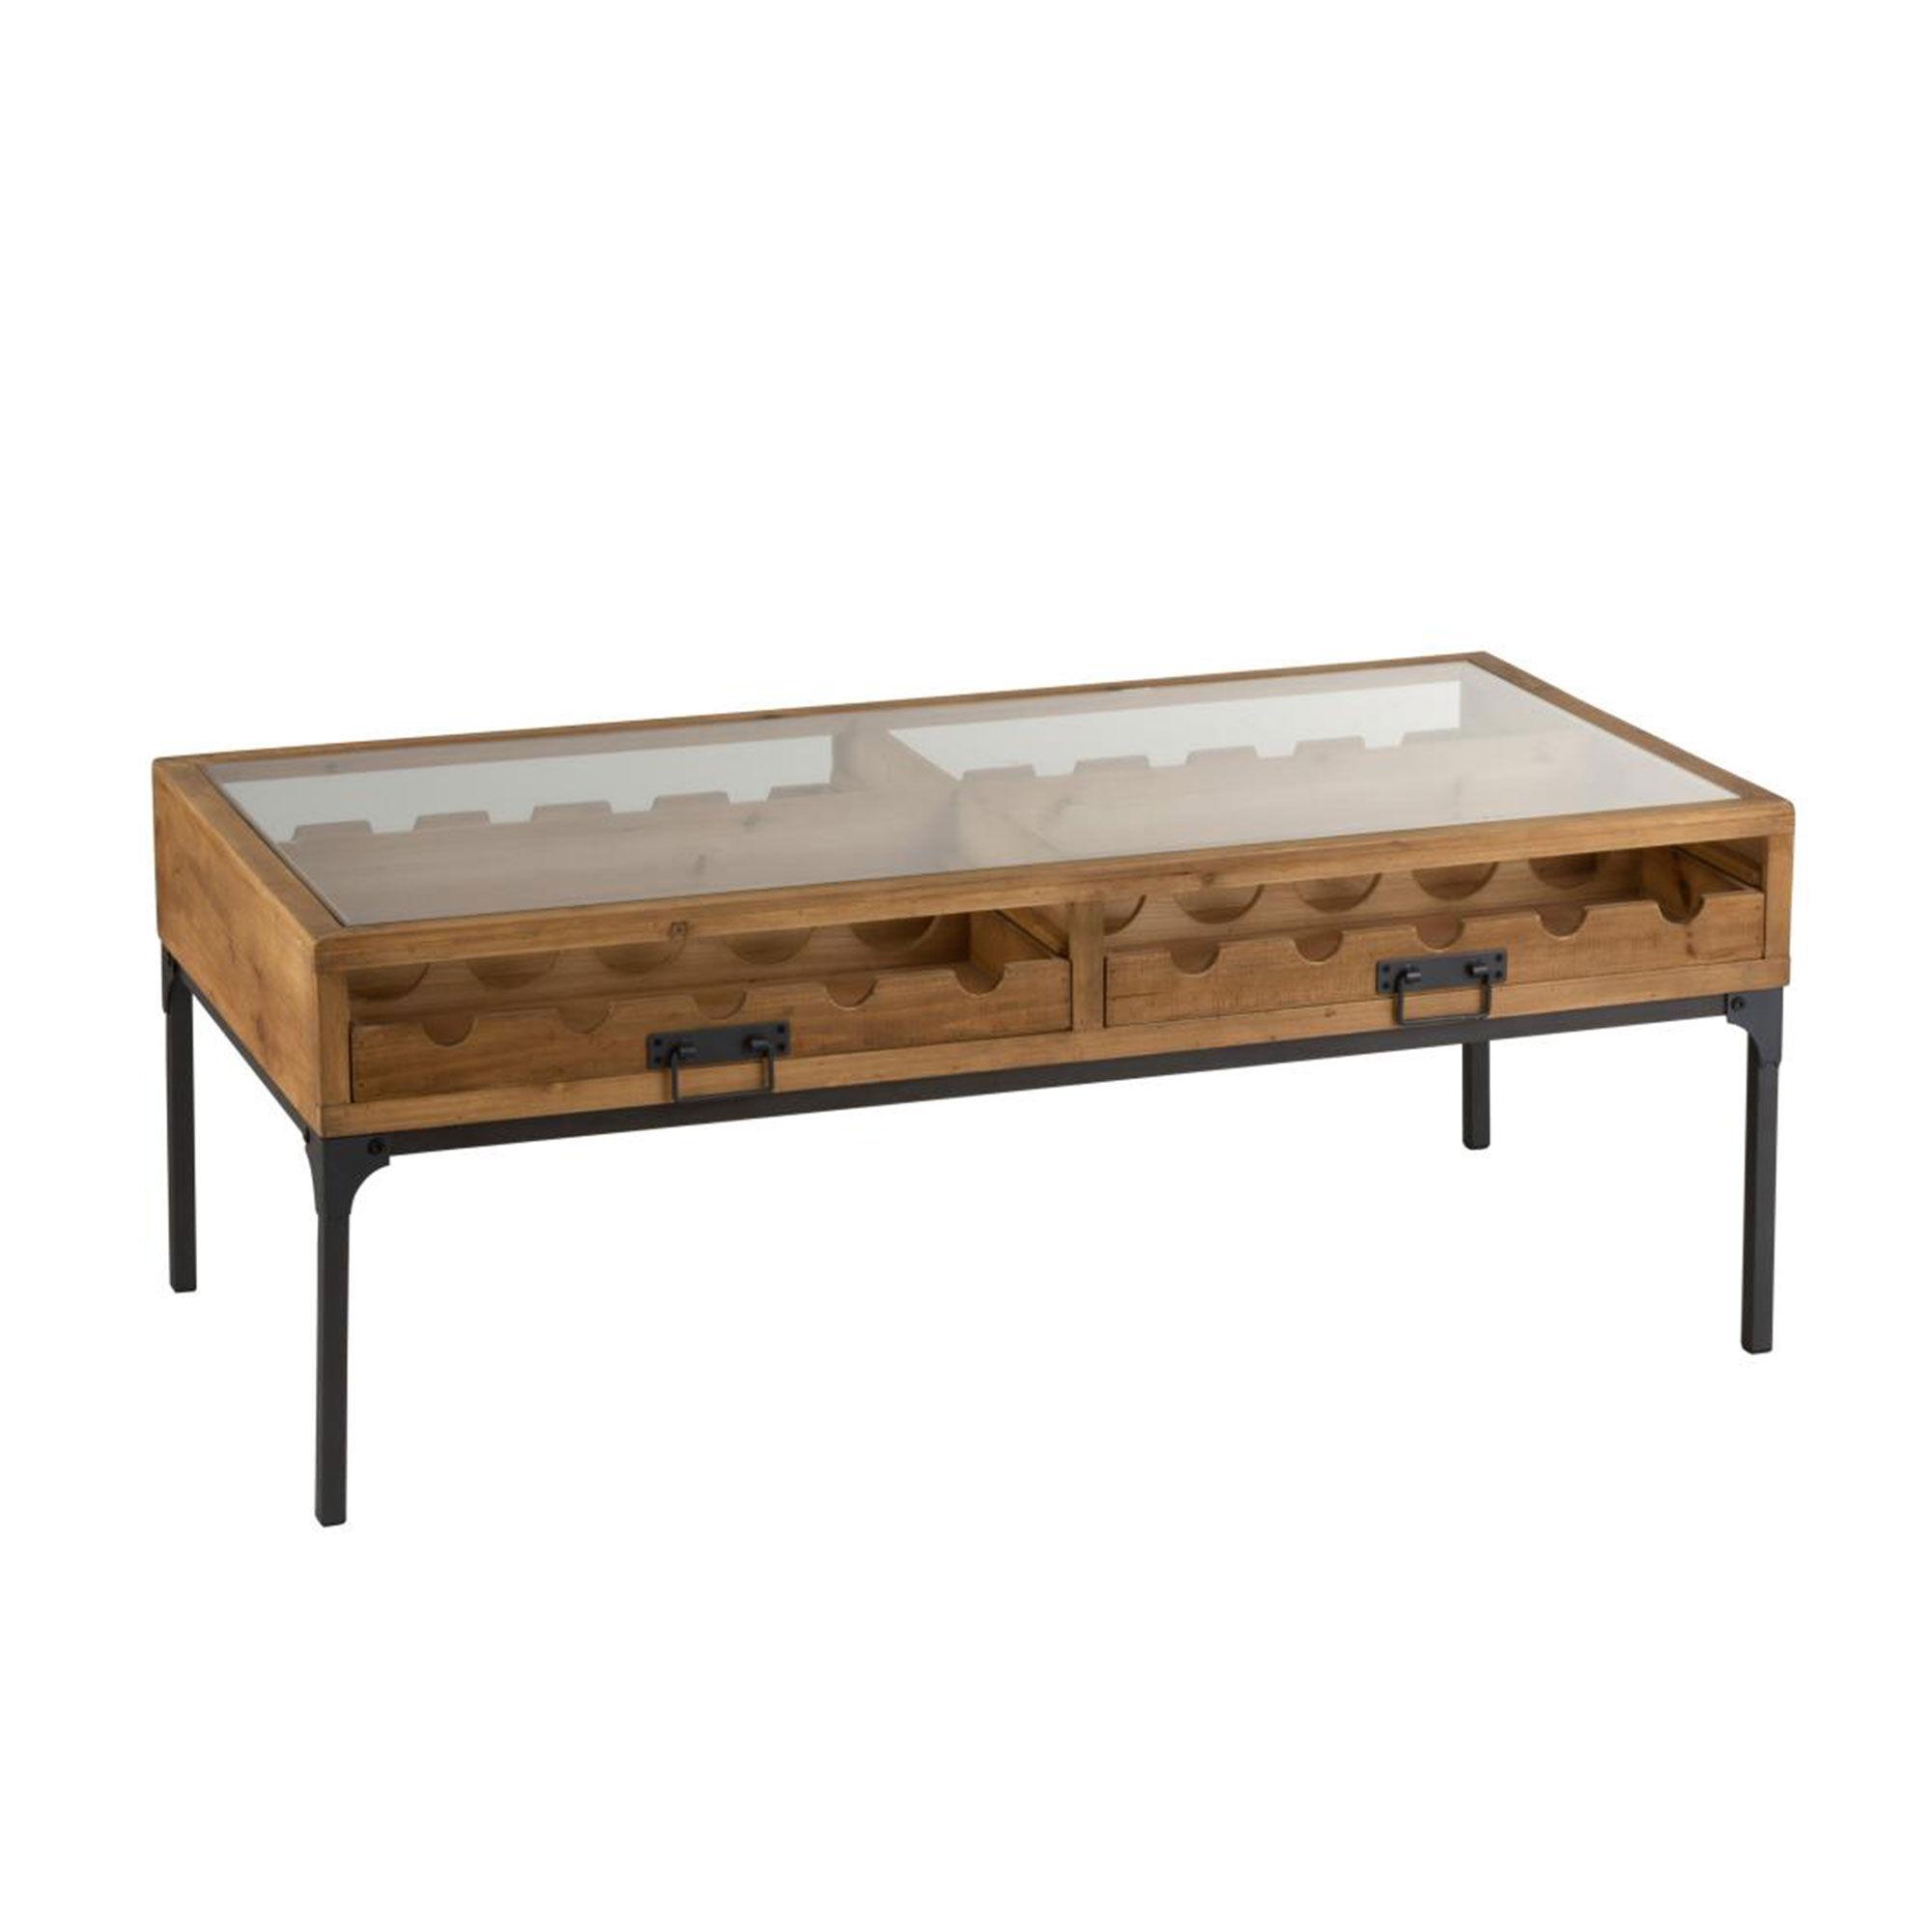 Table basse range bouteilles 120x60x45 cm en bois et métal - FREESIA